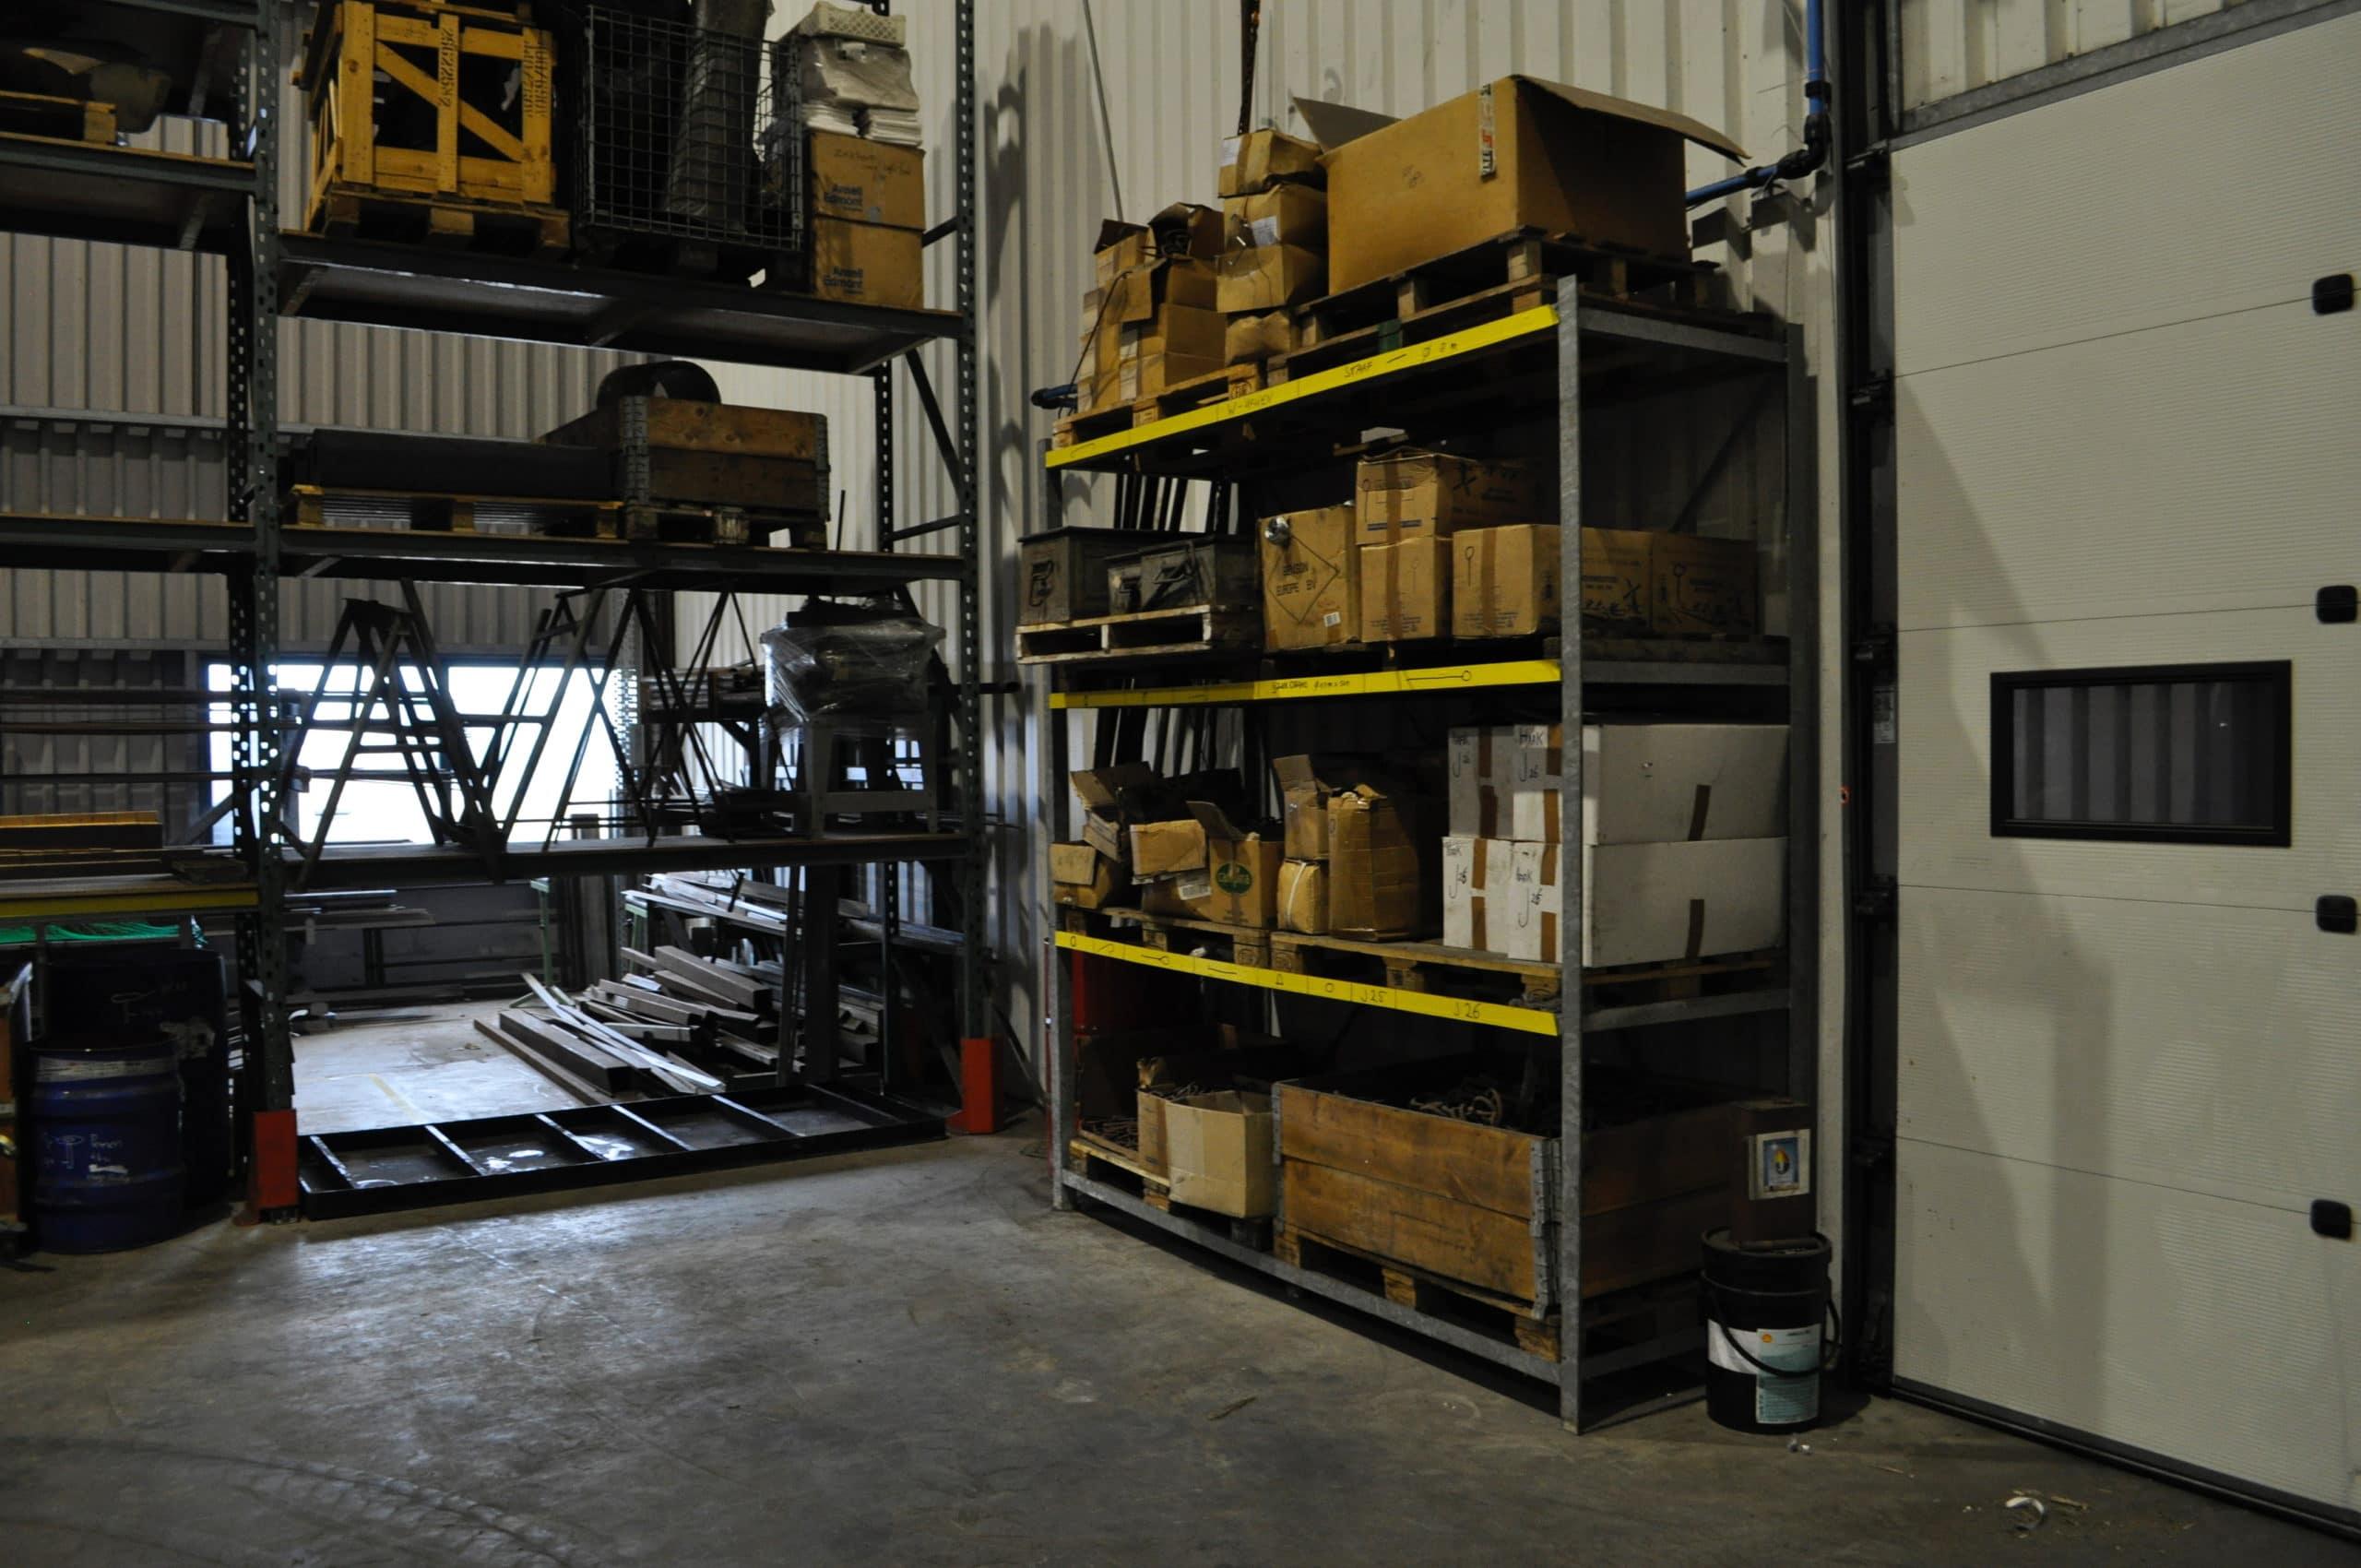 De werkplek is aangepast dor de medewerkers. Er zijn o.a. lekbakken geplaatst.